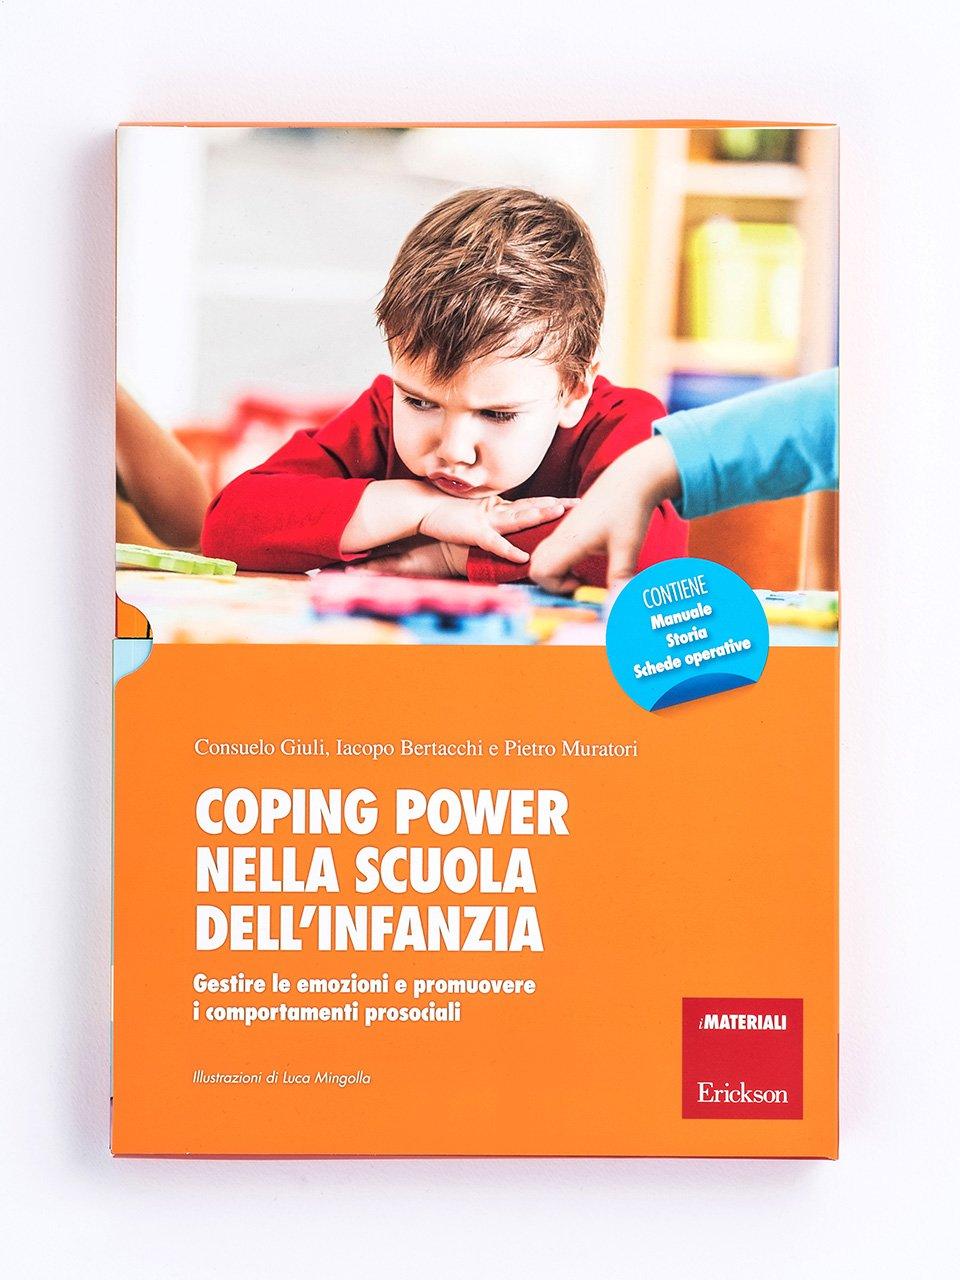 Coping power nella scuola dell'infanzia - Utilizzare il programma Coping Power Scuola in classe - Erickson